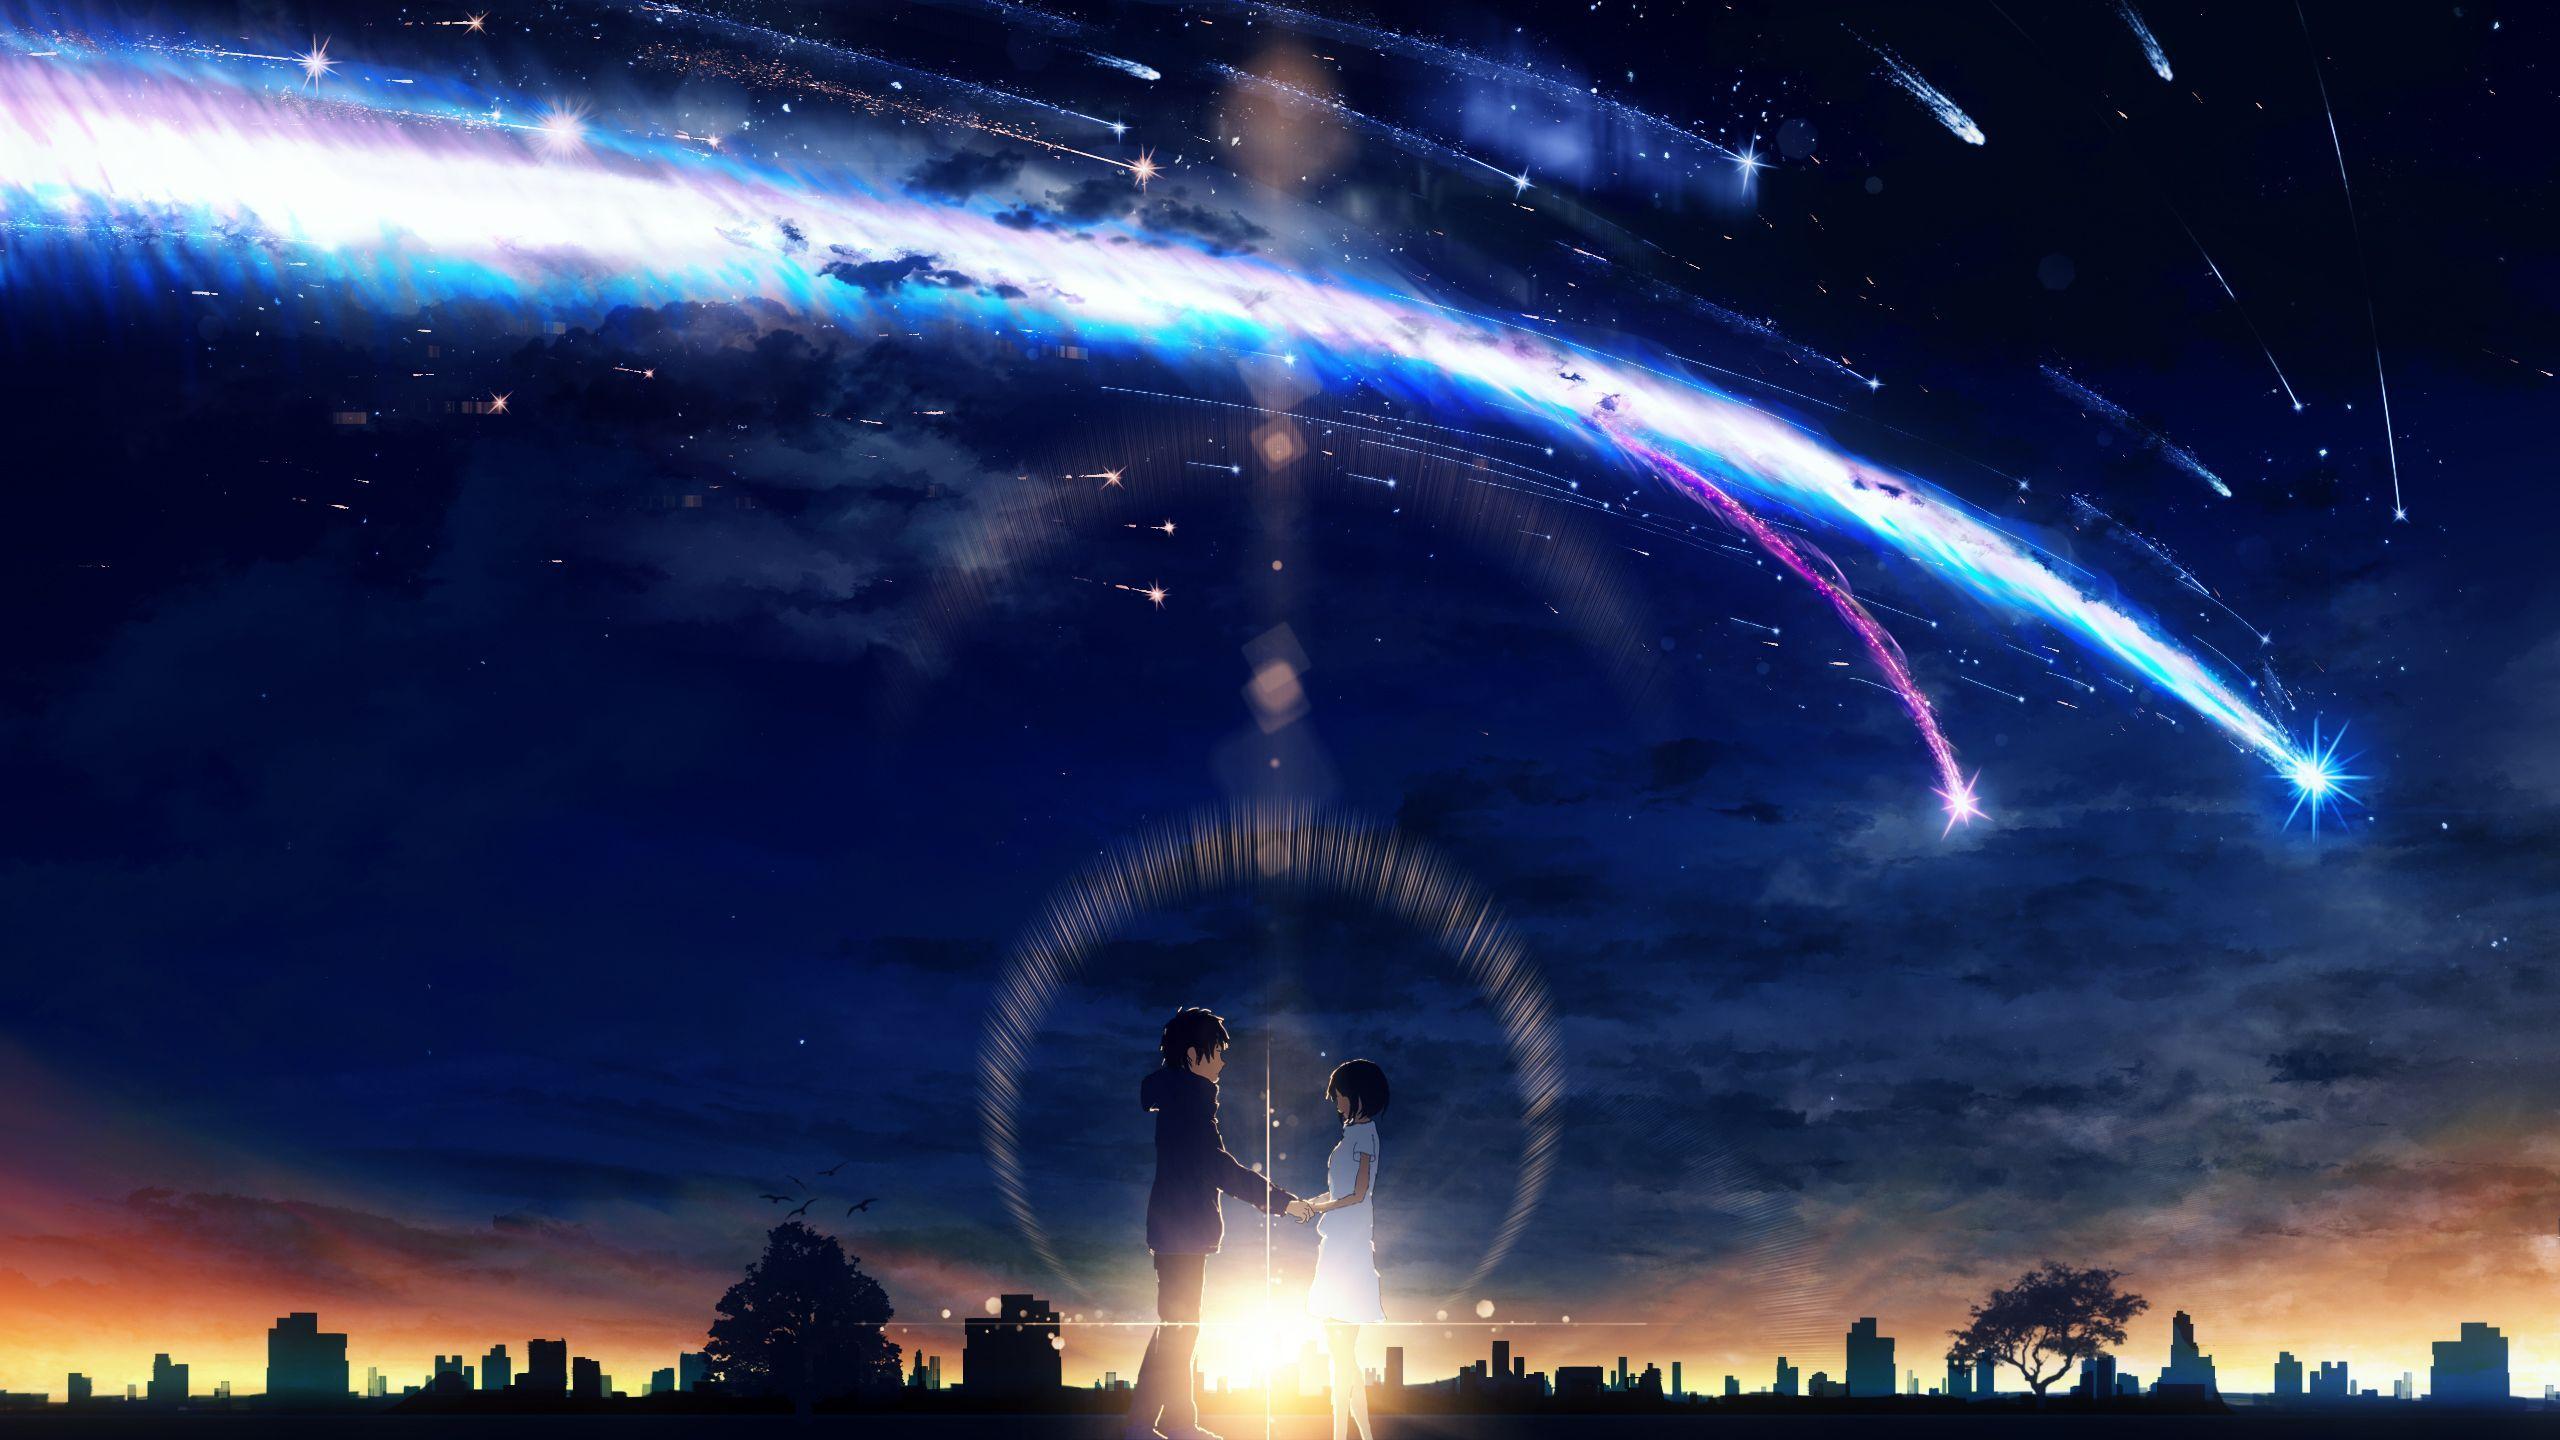 2560x1440 Kimi No Na Wa Your Name Wallpaper 2237875 Zerochan Anime Kimi No Na Wa Cool Anime Wallpapers Name Wallpaper